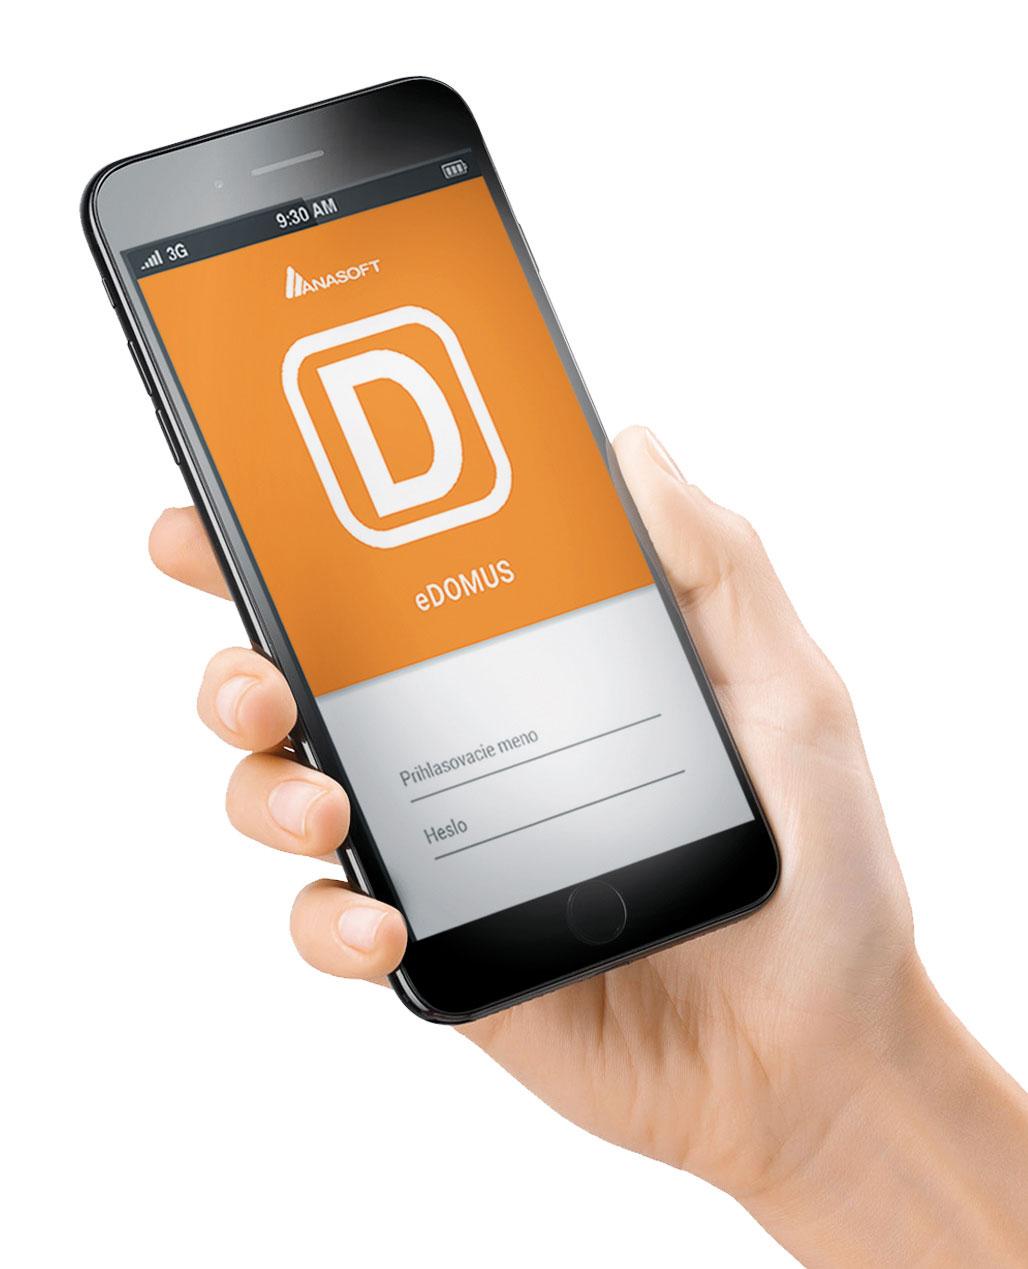 Okrem mobilnej aplikácie je systém DOMUS prepojený aj s webovým portálom Poschodoch.sk, ktorý je prístupný pre všetkých zákazníkov správcovských spoločností.